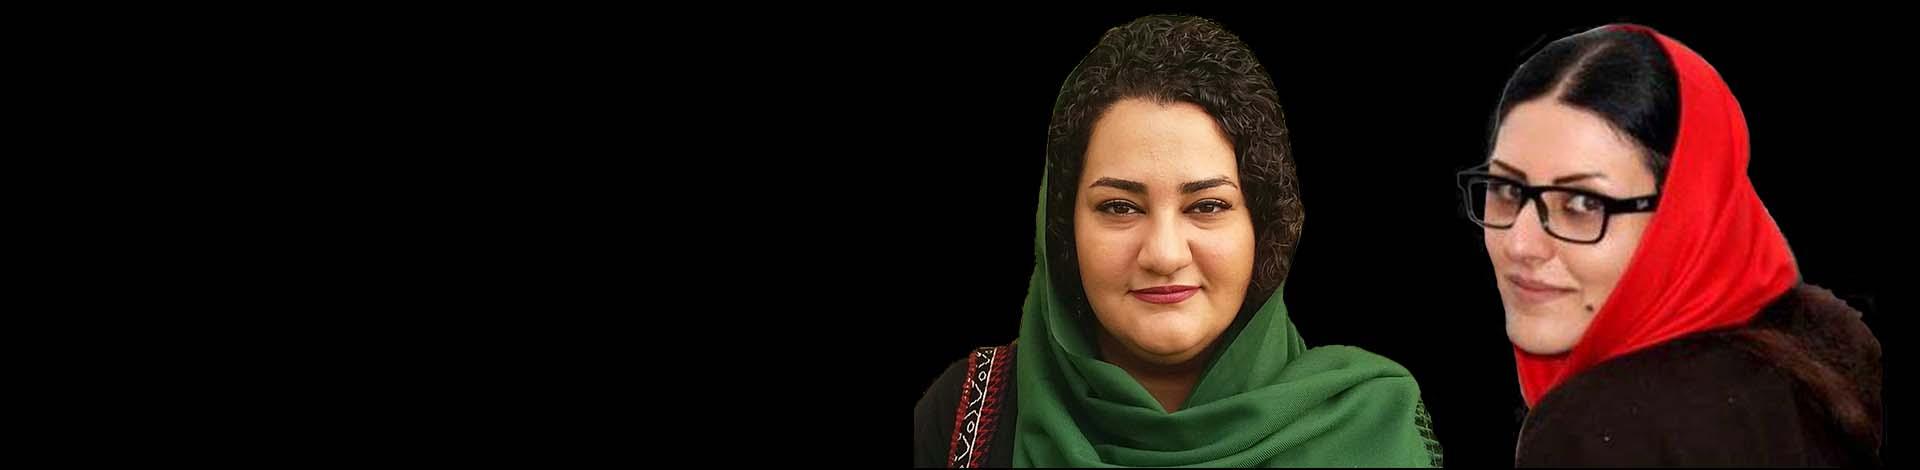 """Die iranische Schriftstellerin Golrokh Iraee und die Frauenrechtlerin Atena Daemi wurden zu weiteren Haftstrafen verurteilt. Den Verurteilten werden """"Gefährdung der nationalen Sicherheit"""" sowie die """"Beleidigung des Führers"""" vorgeworfen."""